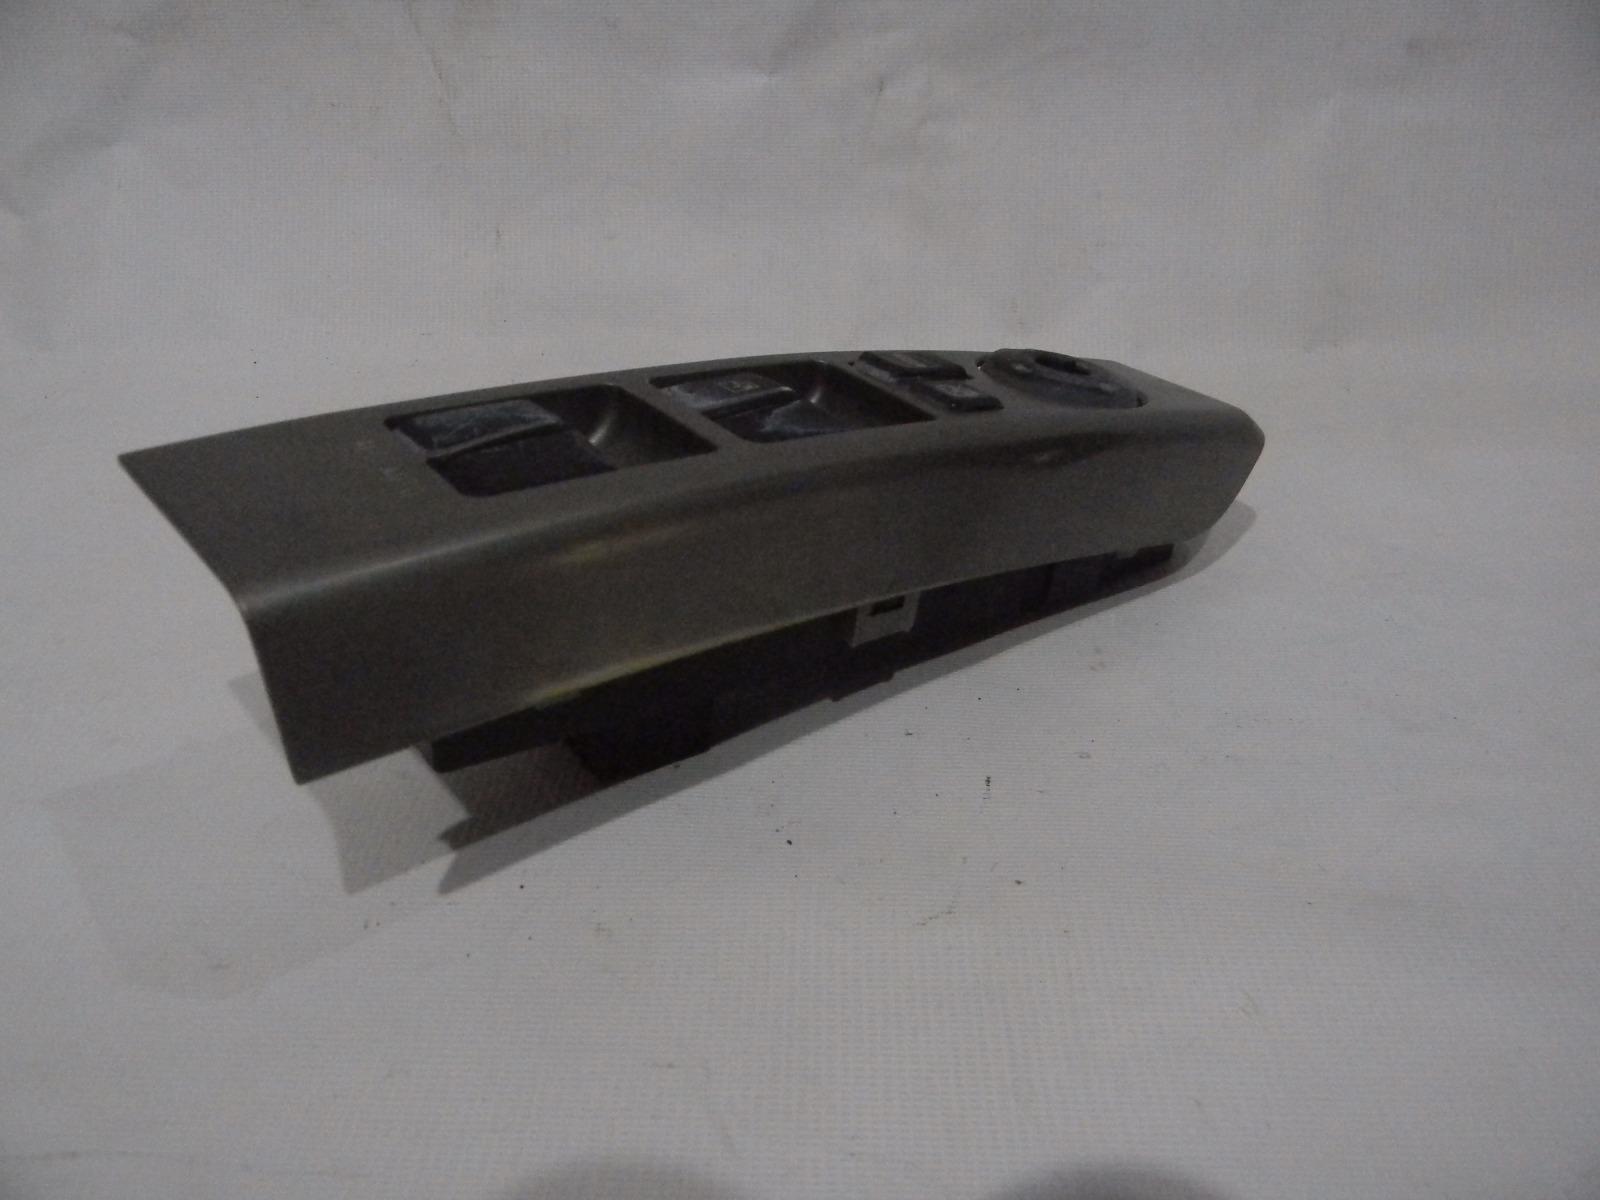 Блок управления стеклоподъемниками Geely Emgrand Ec7 FE-1 JL4G18 2008>